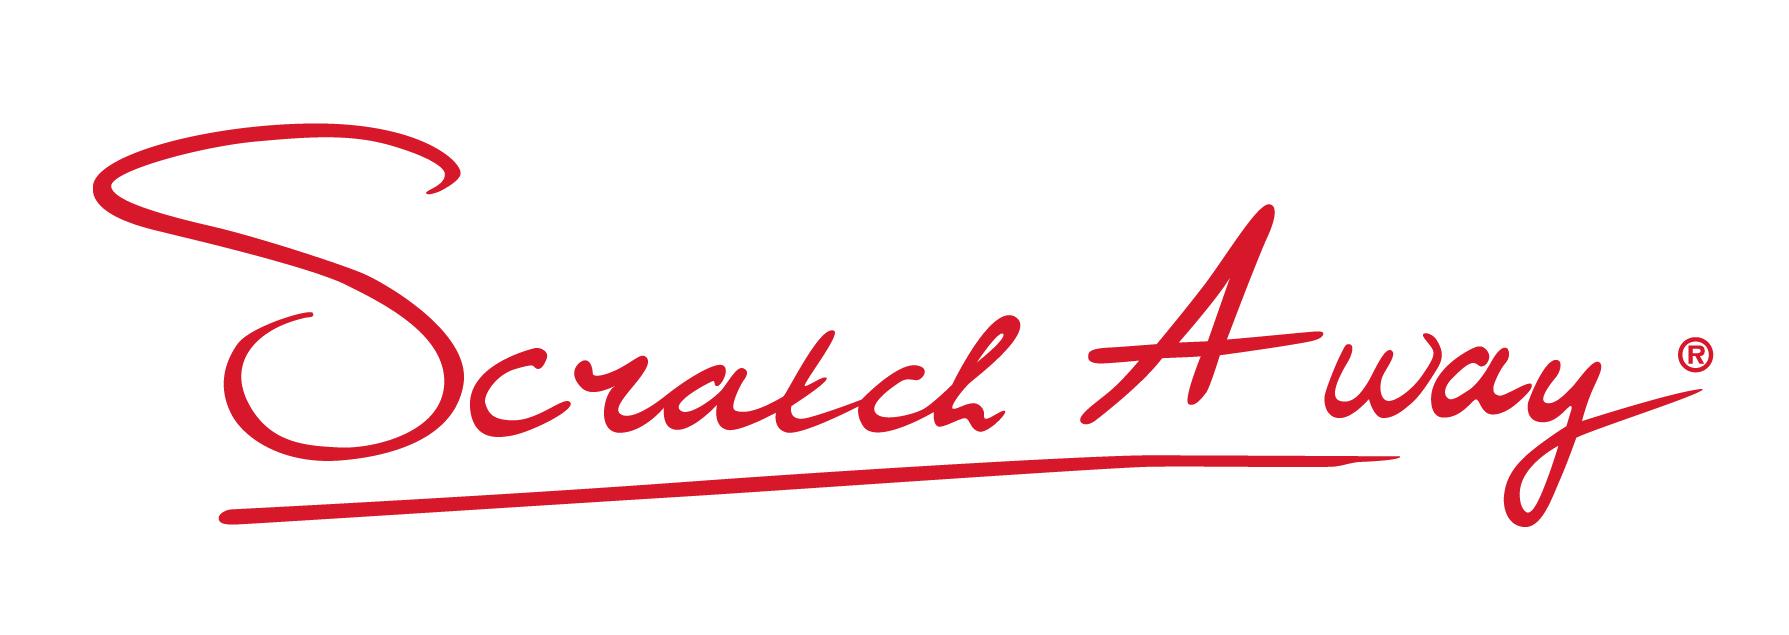 Scratchaway